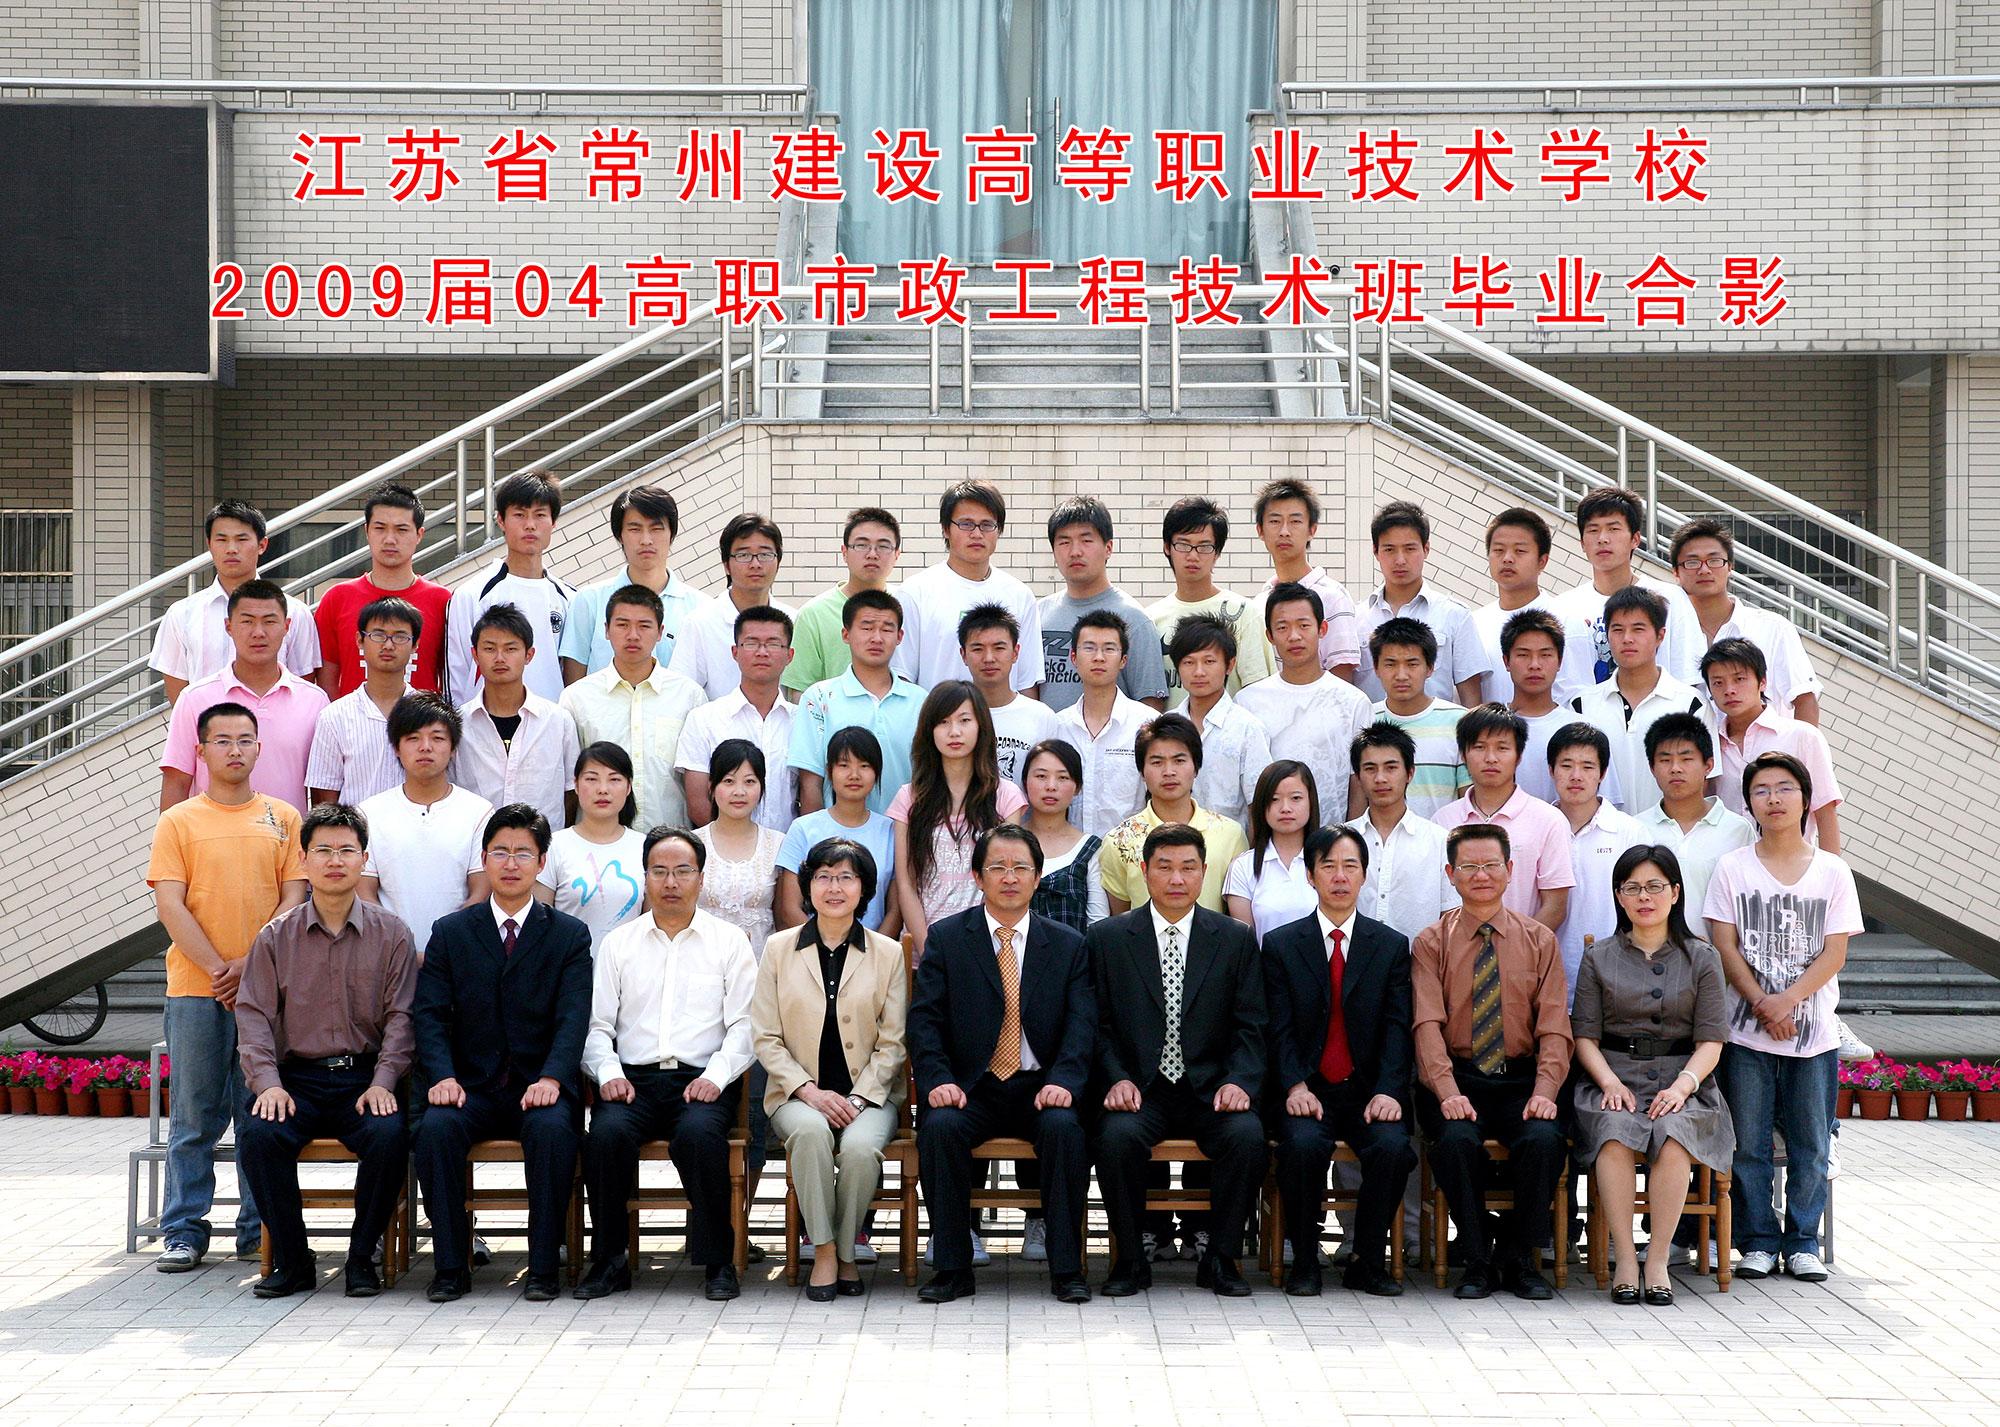 2009届04高职市政工程技术班毕业...